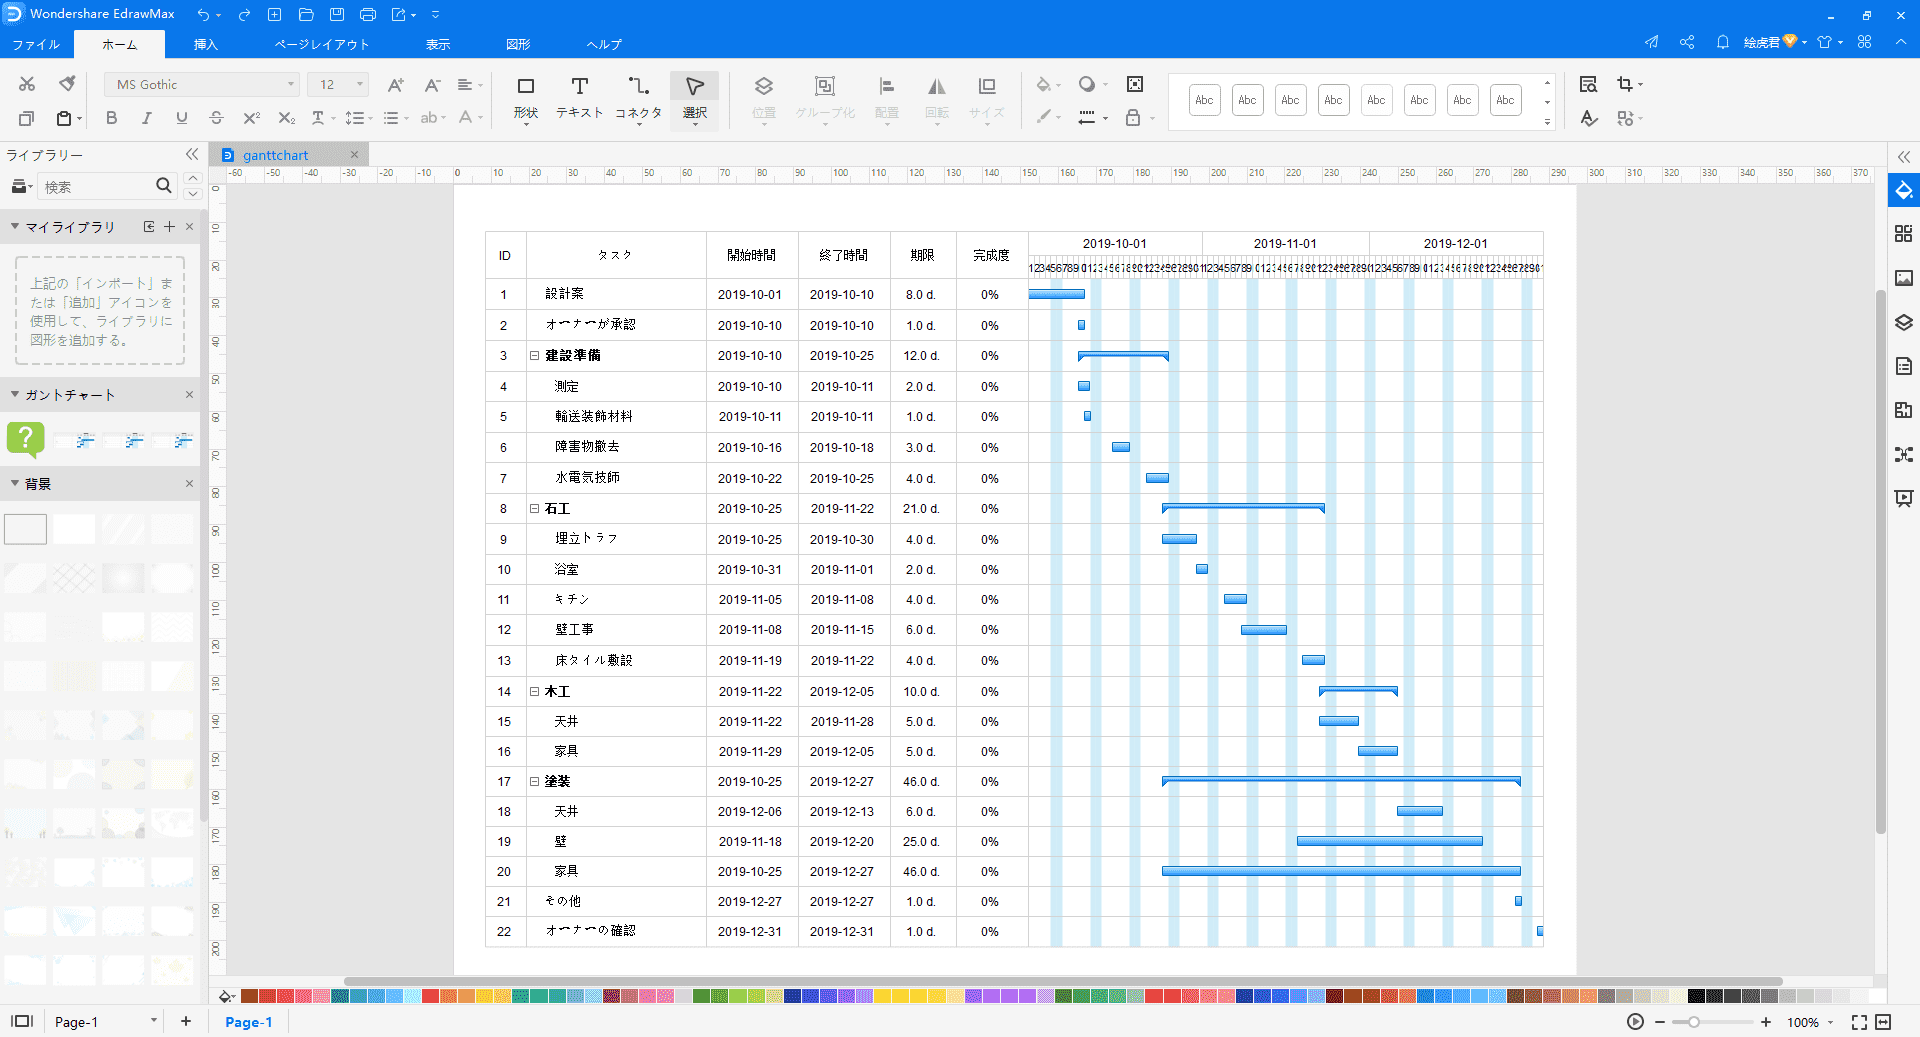 ガントチャート作成ソフト